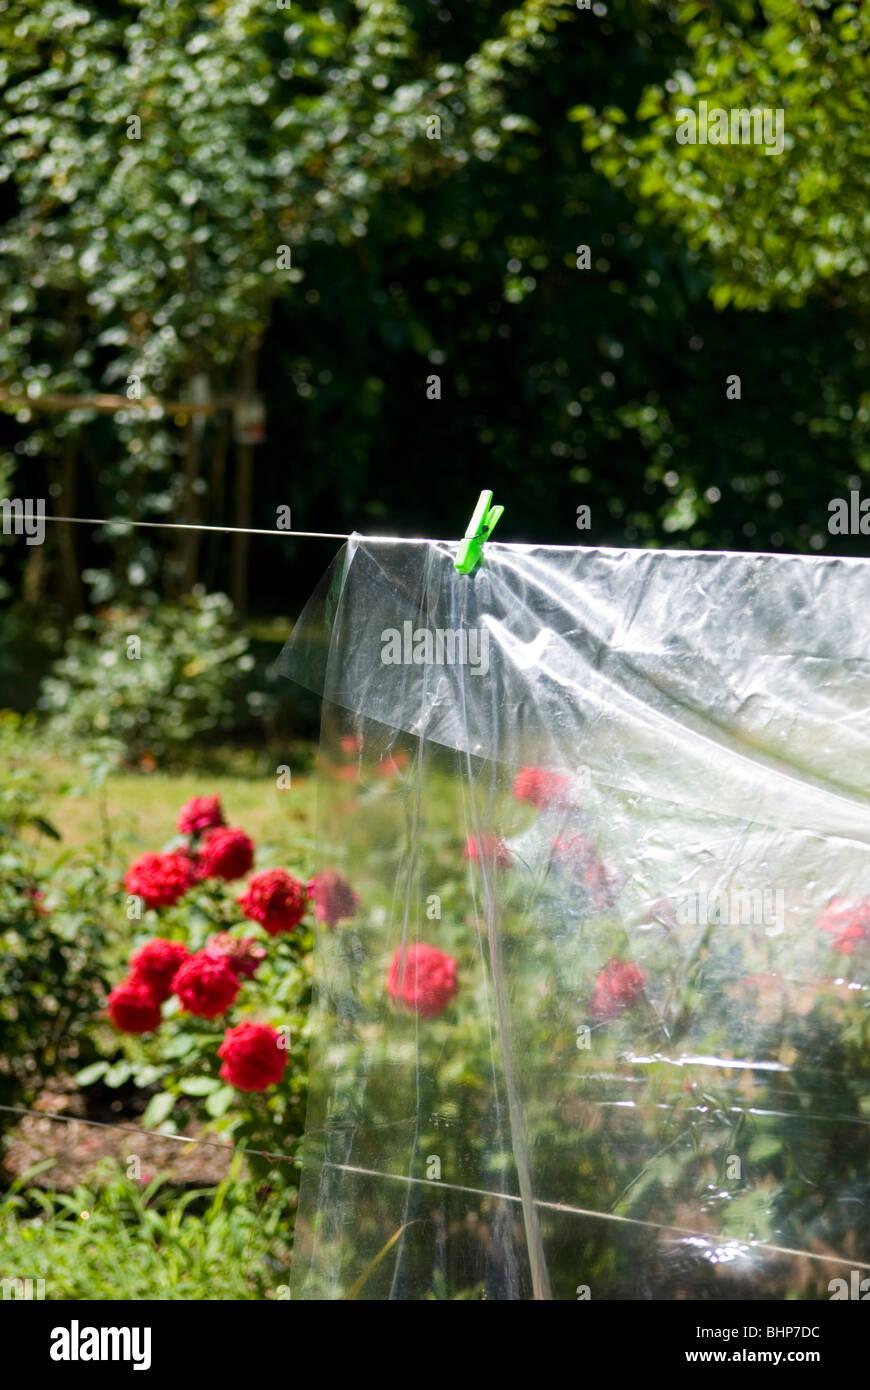 Una hoja de plástico transparente que cuelga en el sol en un jardín con un lecho de rosas vibrantes en Imagen De Stock